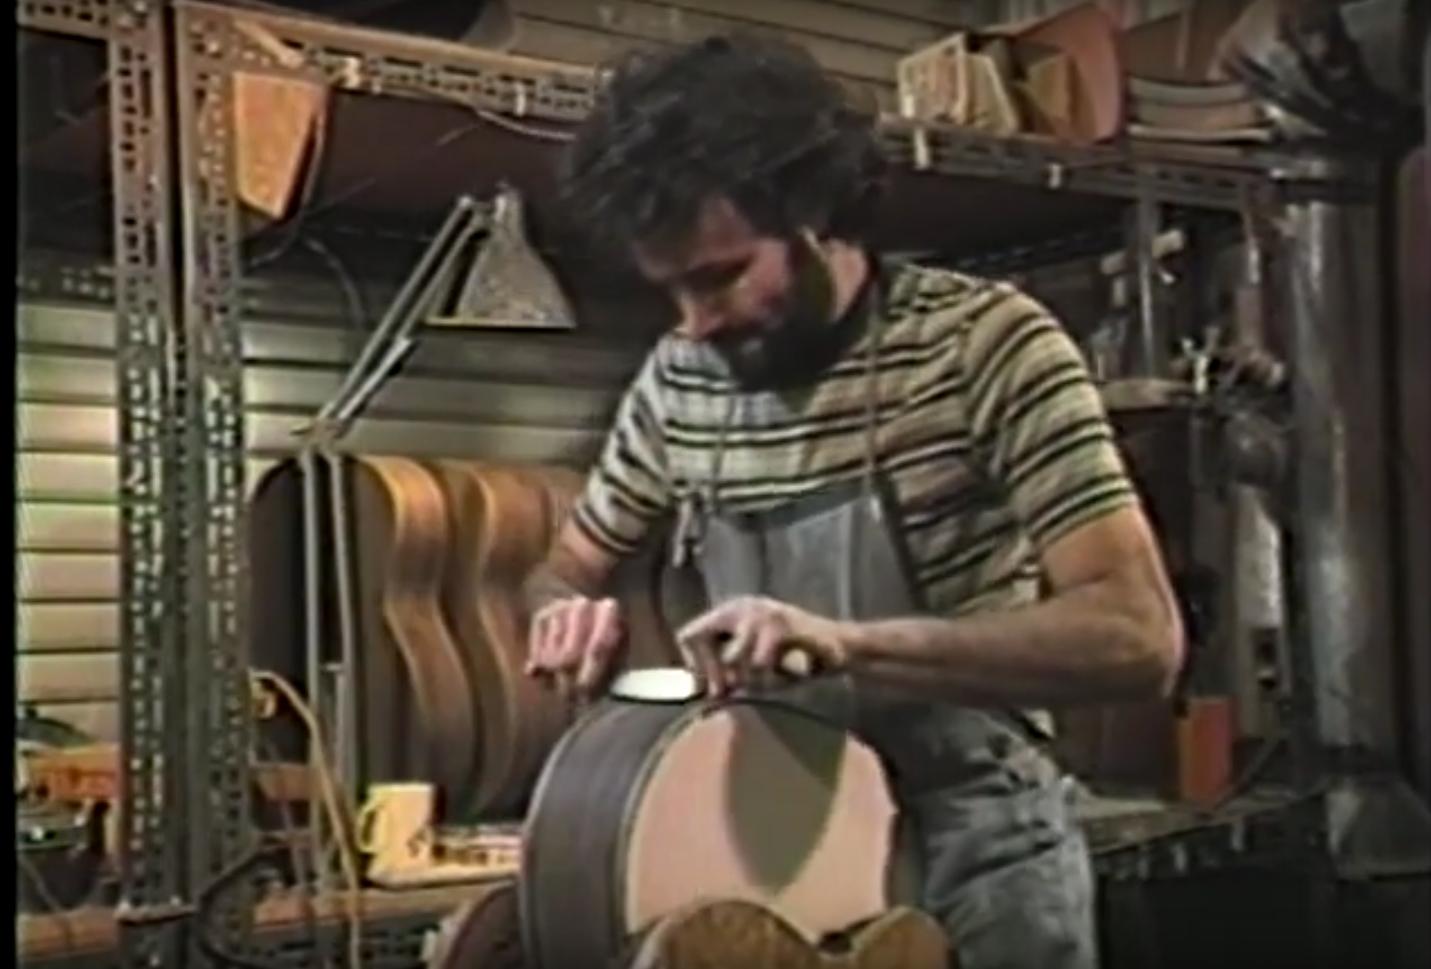 David Iannone circa 1983 apprenticing for Jean Larrivée.